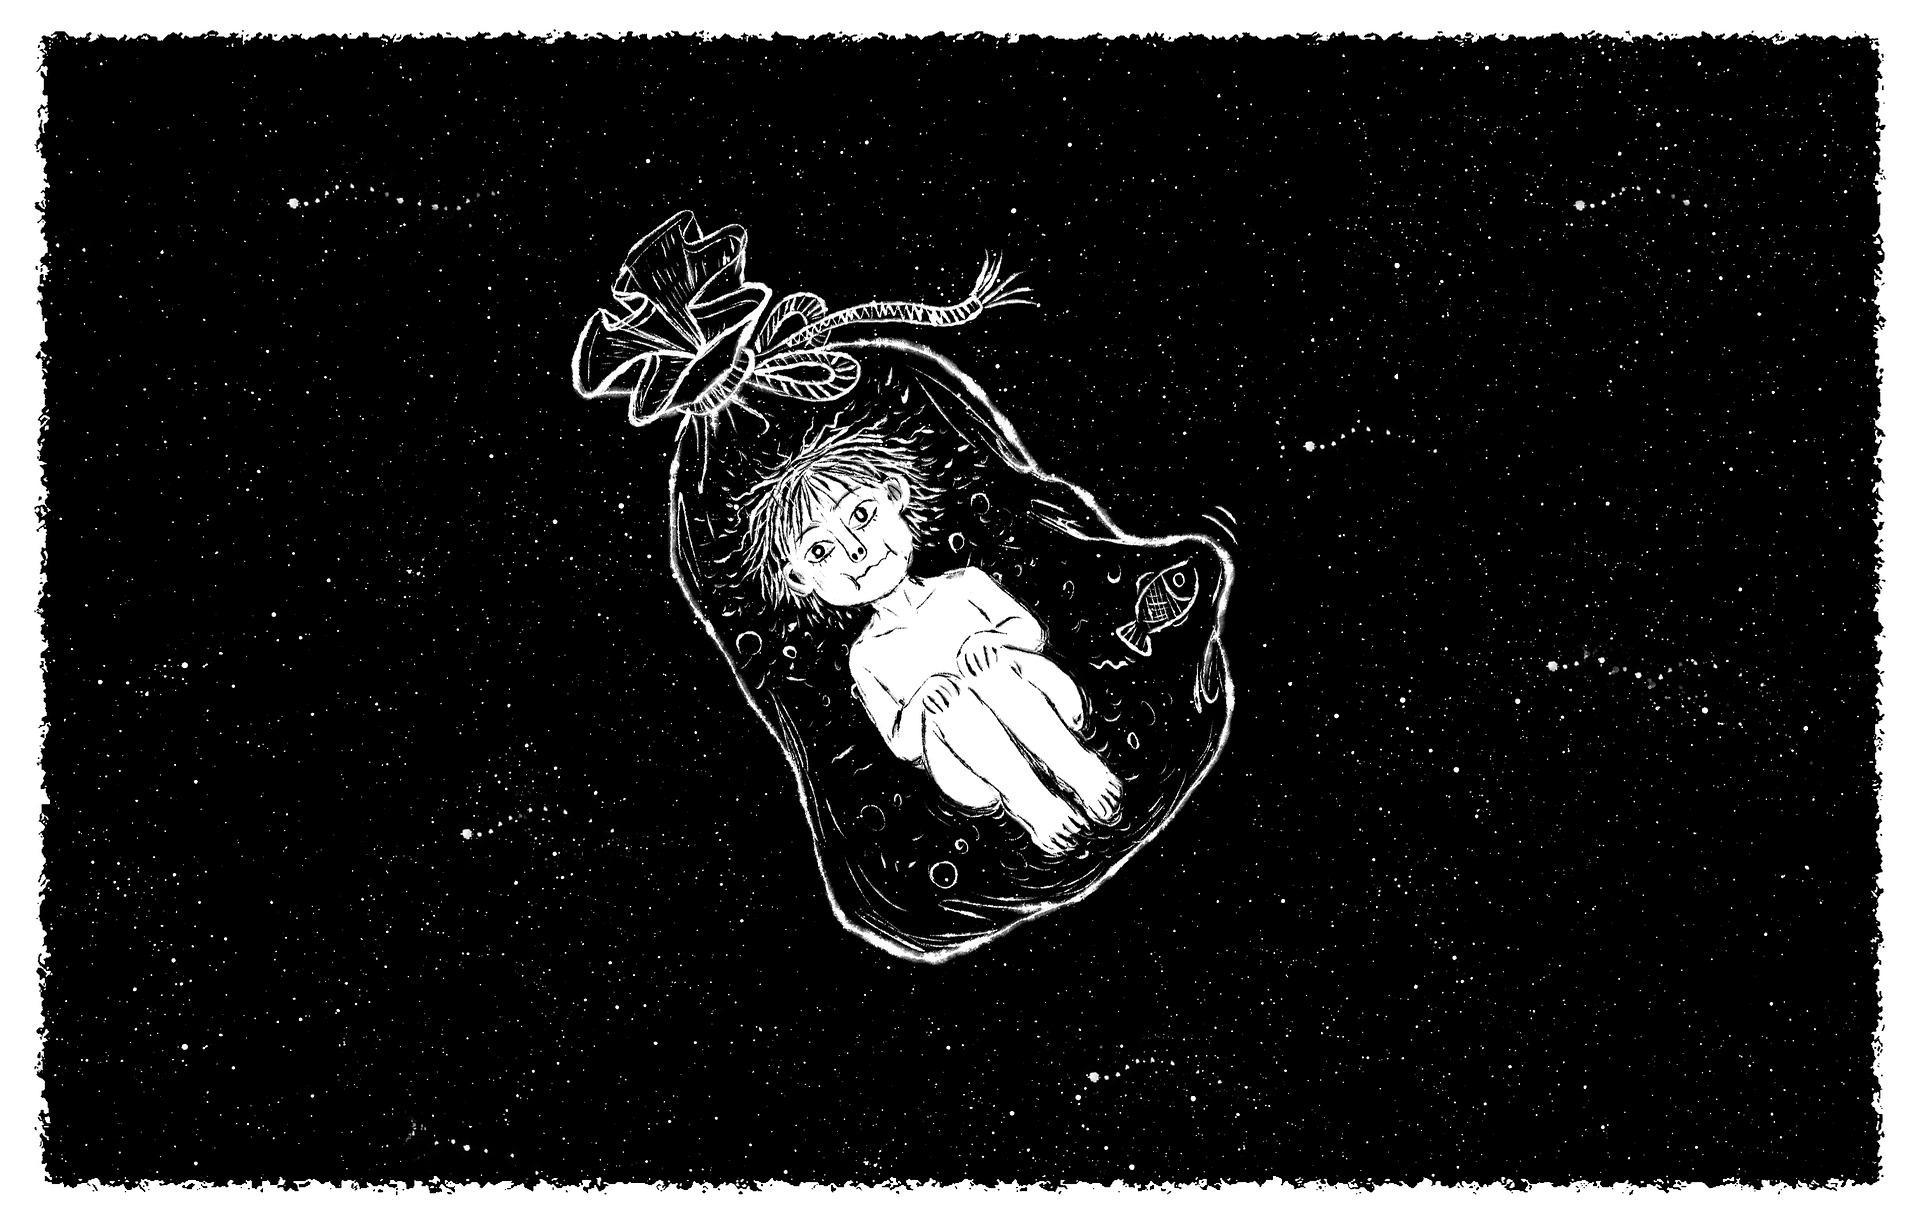 ニートの男の子が空中に浮いている画像